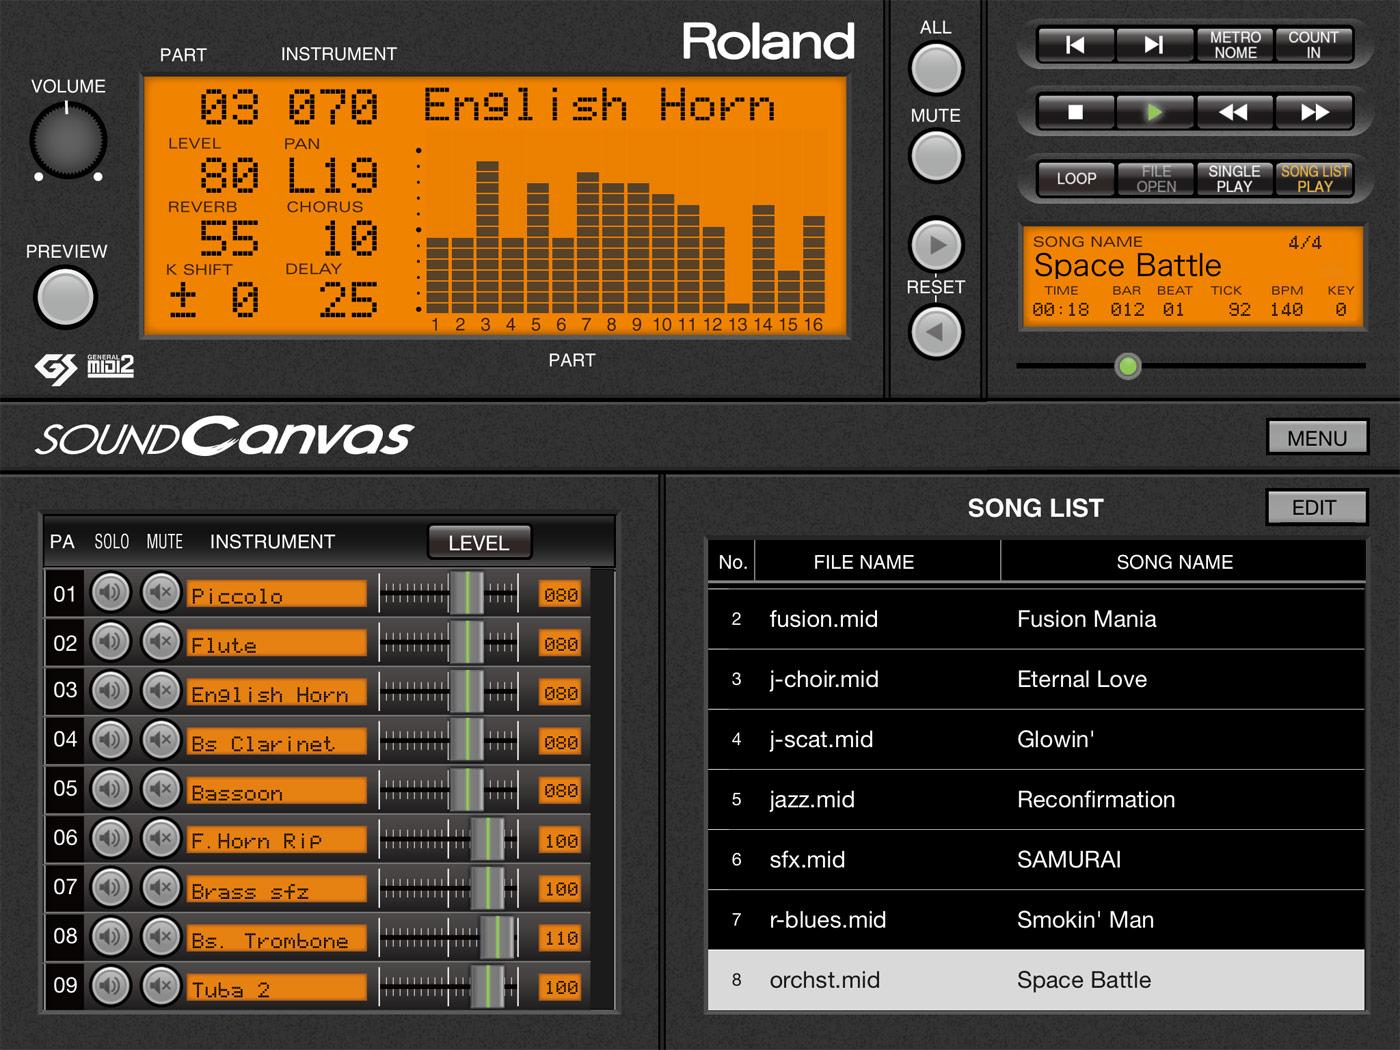 Roland sound canvas скачать бесплатно драйвера